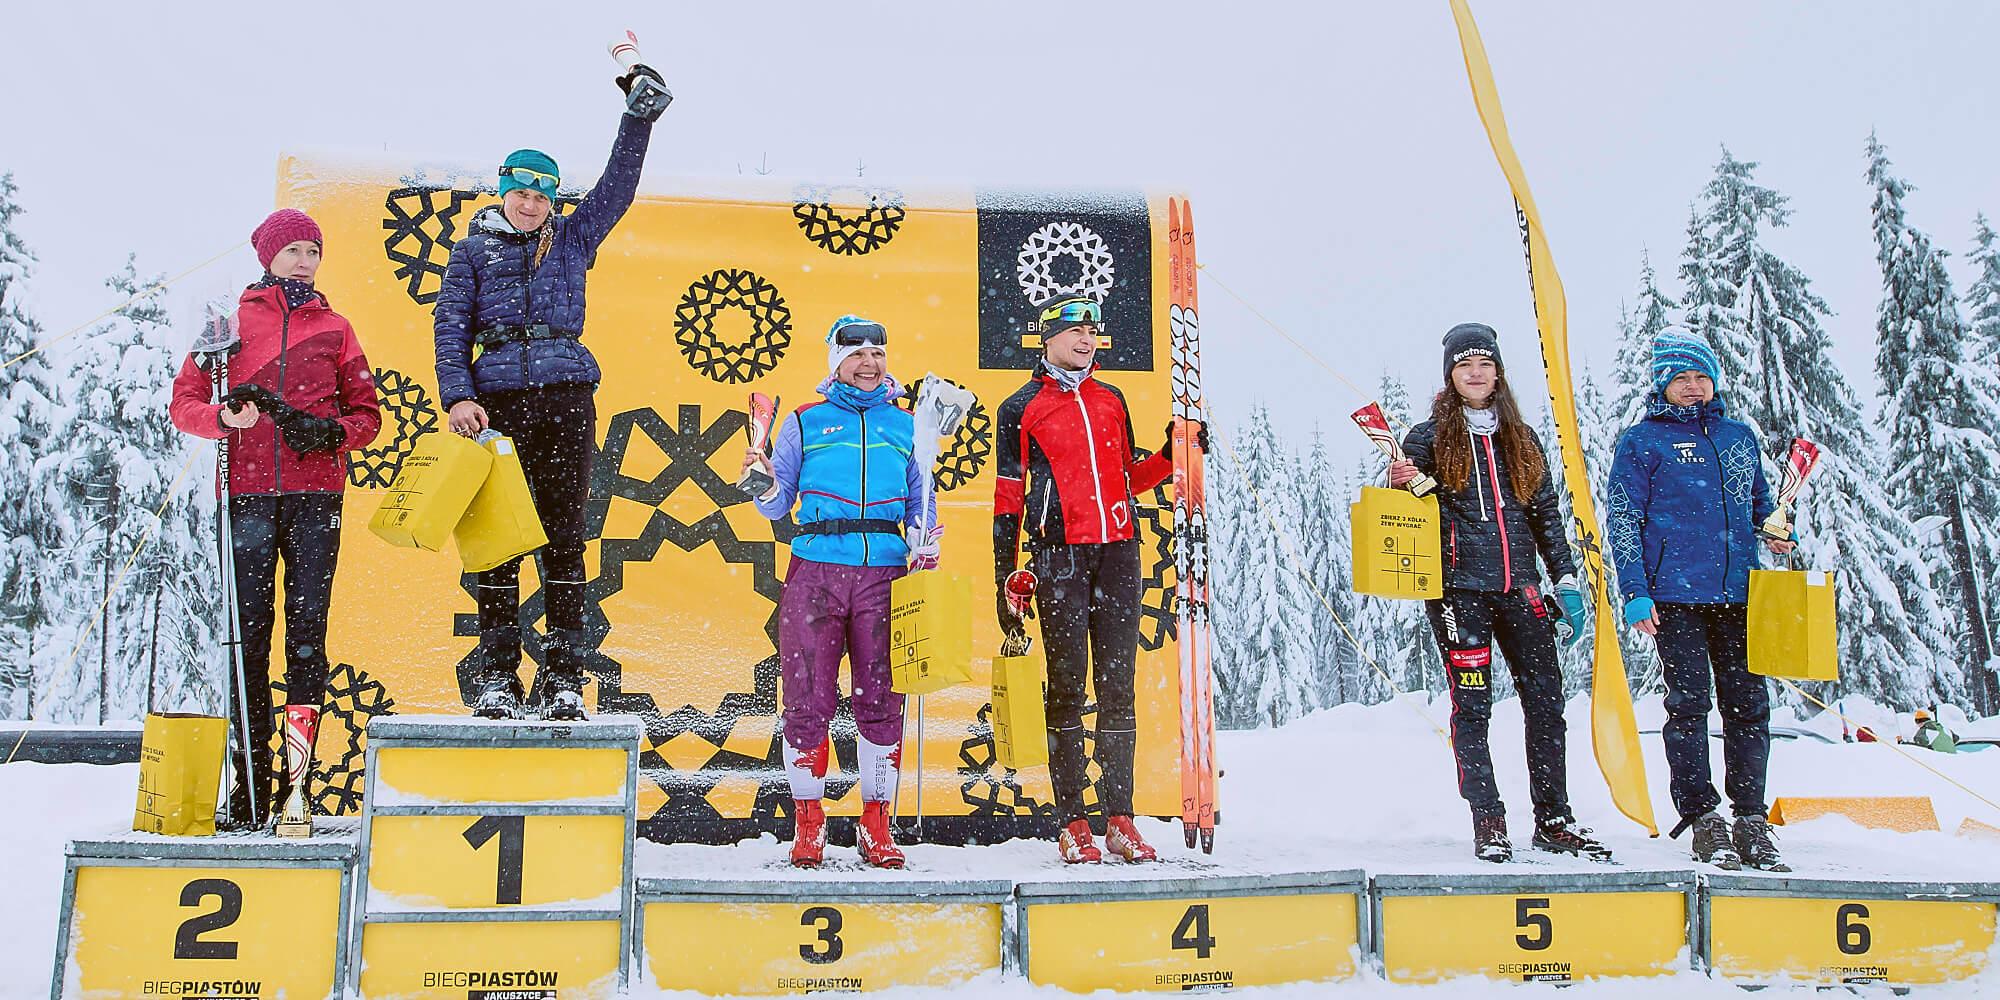 Dmuchany ekran VENTO dekoracja zwyciezcow biegi narciarskie